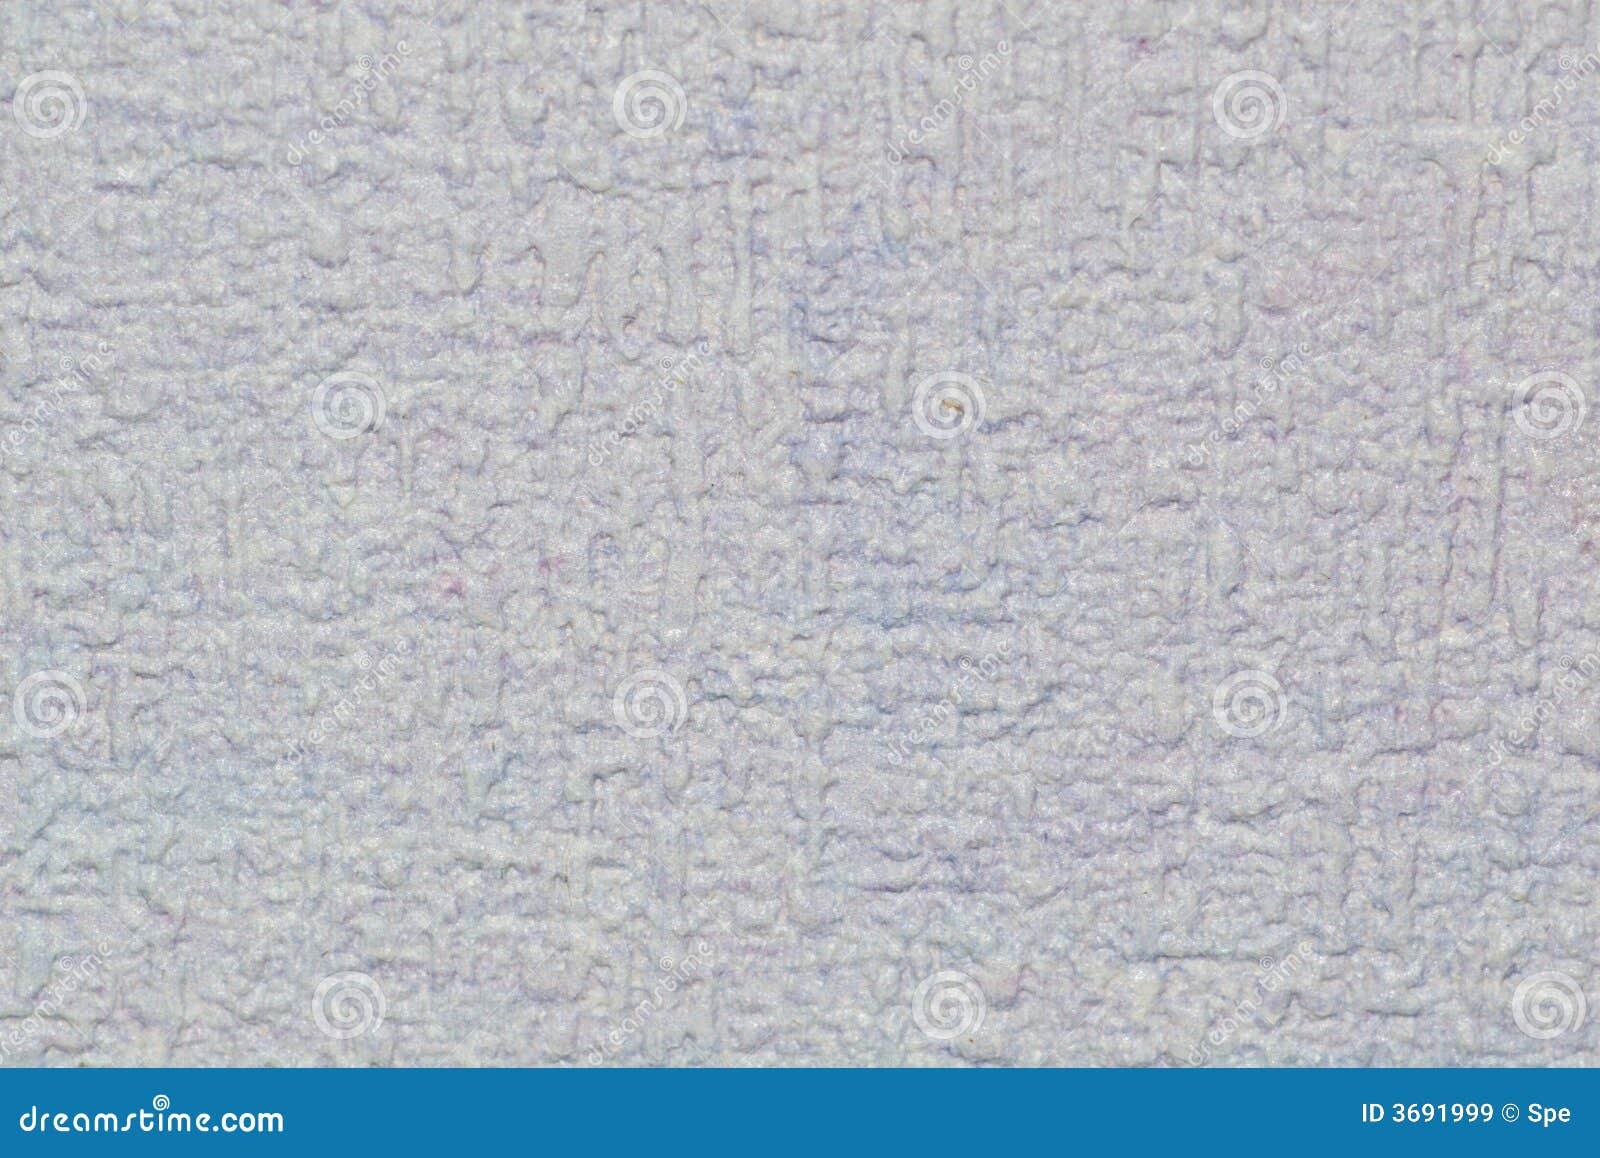 Struttura blu chiaro della carta da parati immagine stock for Stock carta da parati